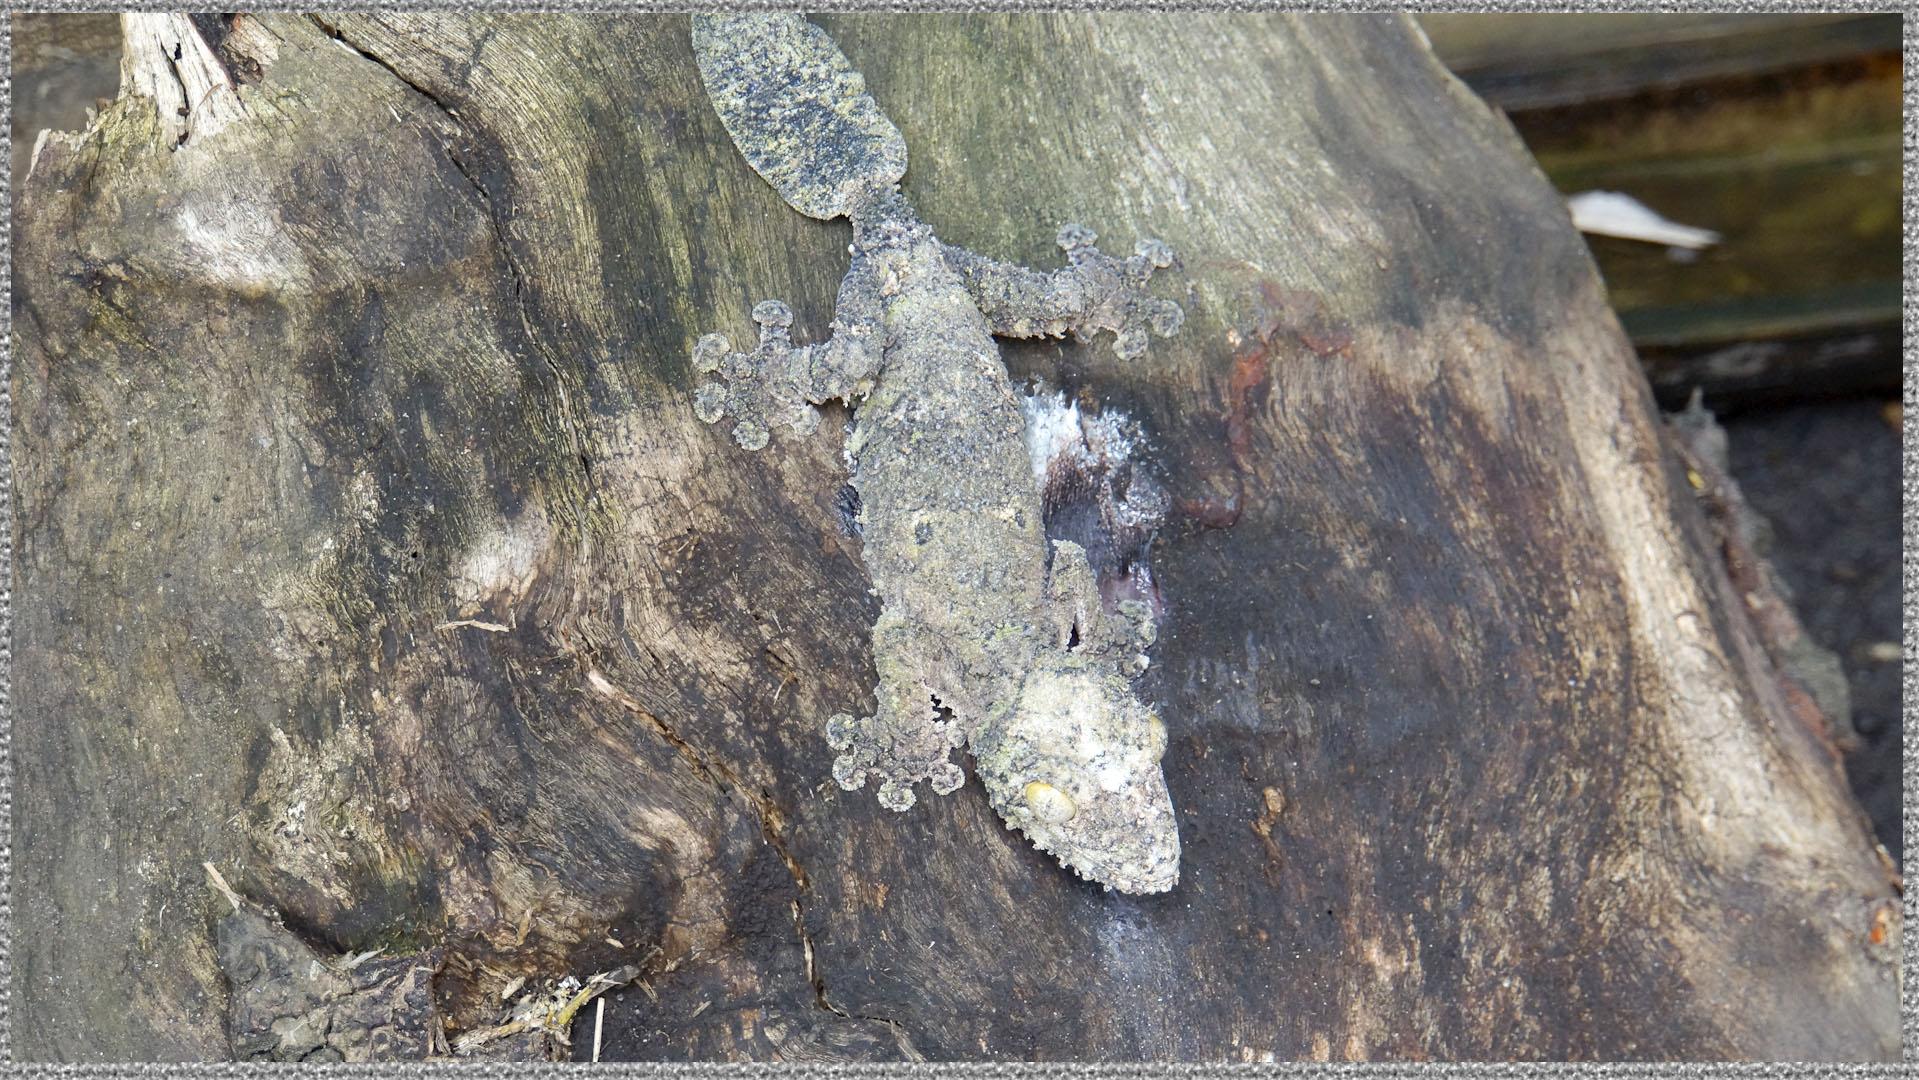 Der Plattschwanzgecko